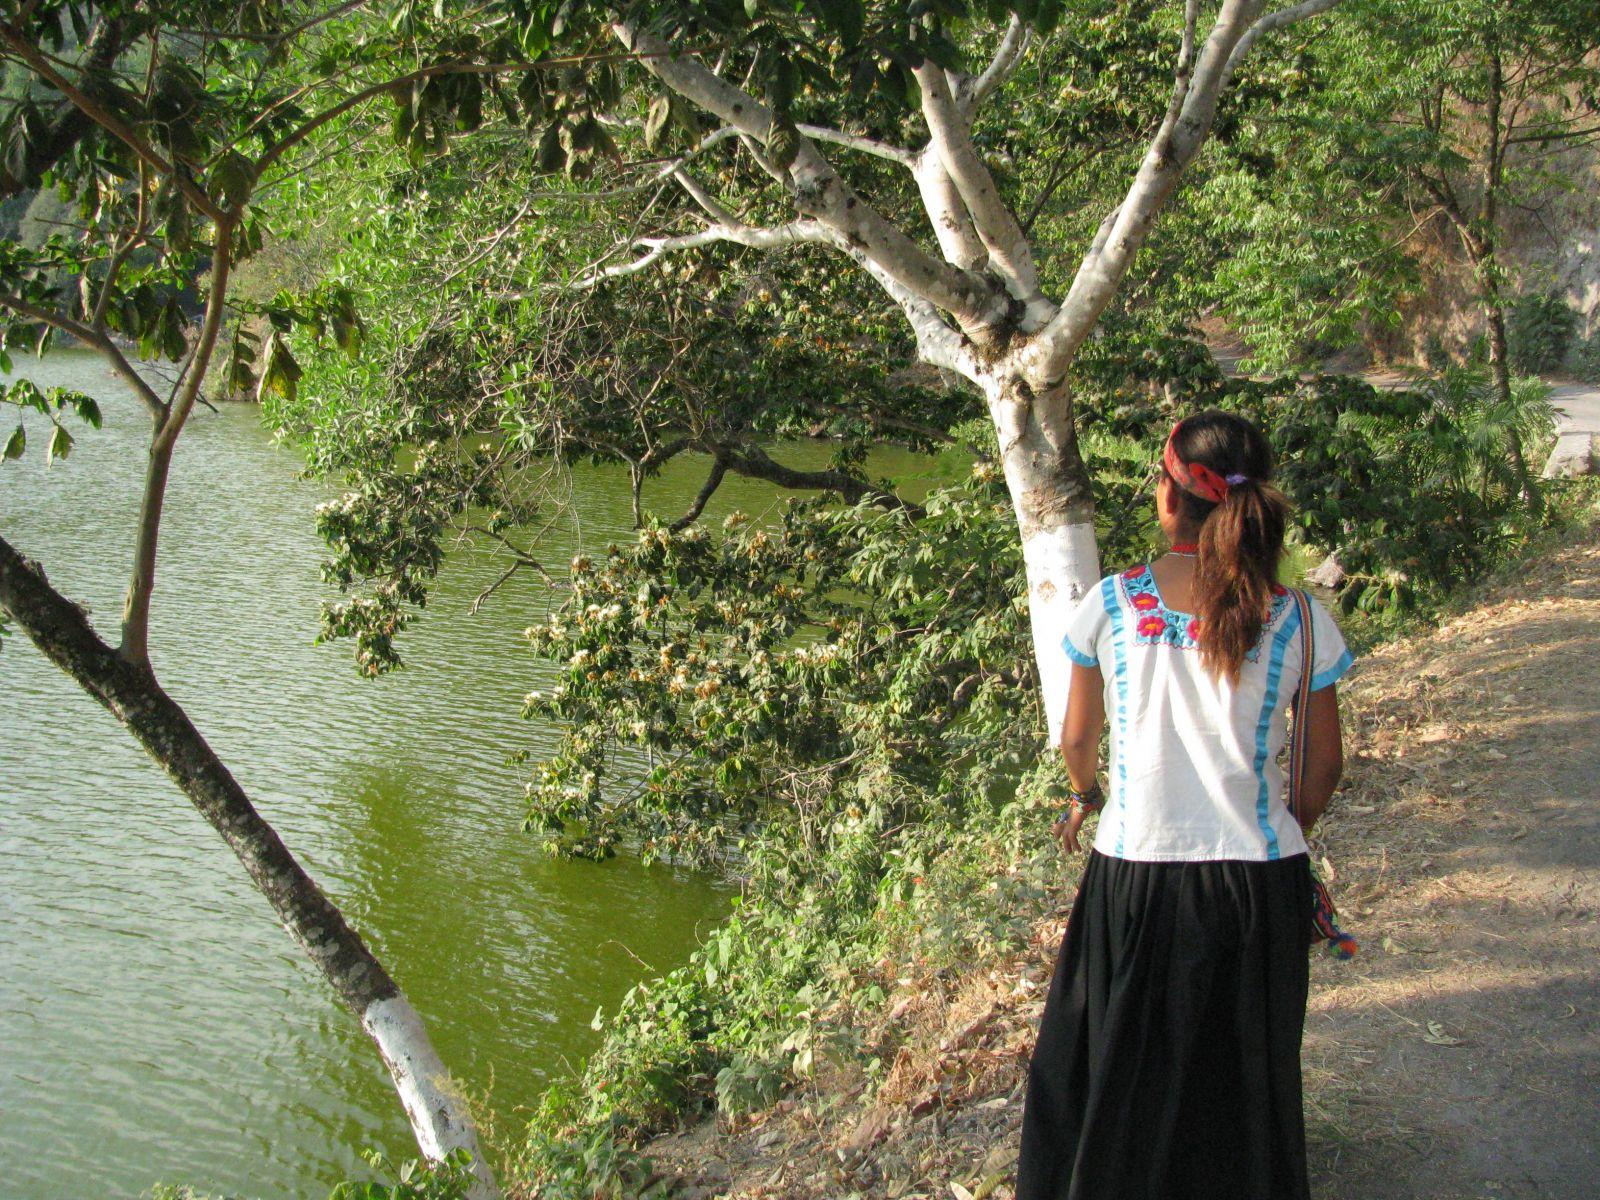 Marina püha järv